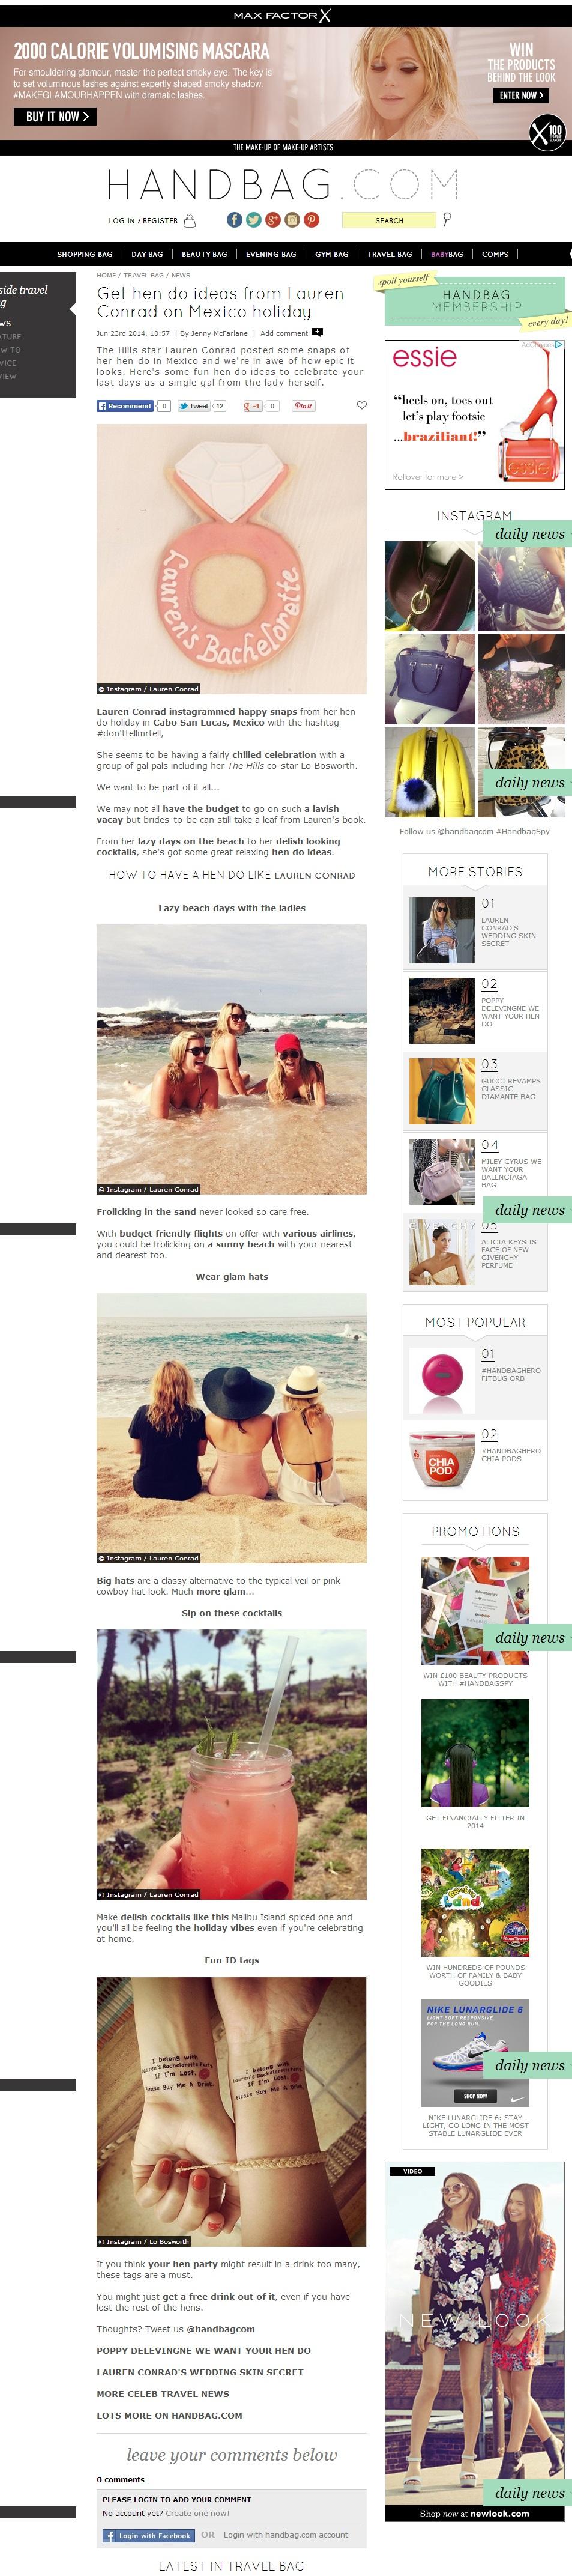 screencapture-www-handbag-com-travel-bag-news-a579600-get-hen-do-ideas-from-lauren-conrad-on-mexico-holiday-html (1)